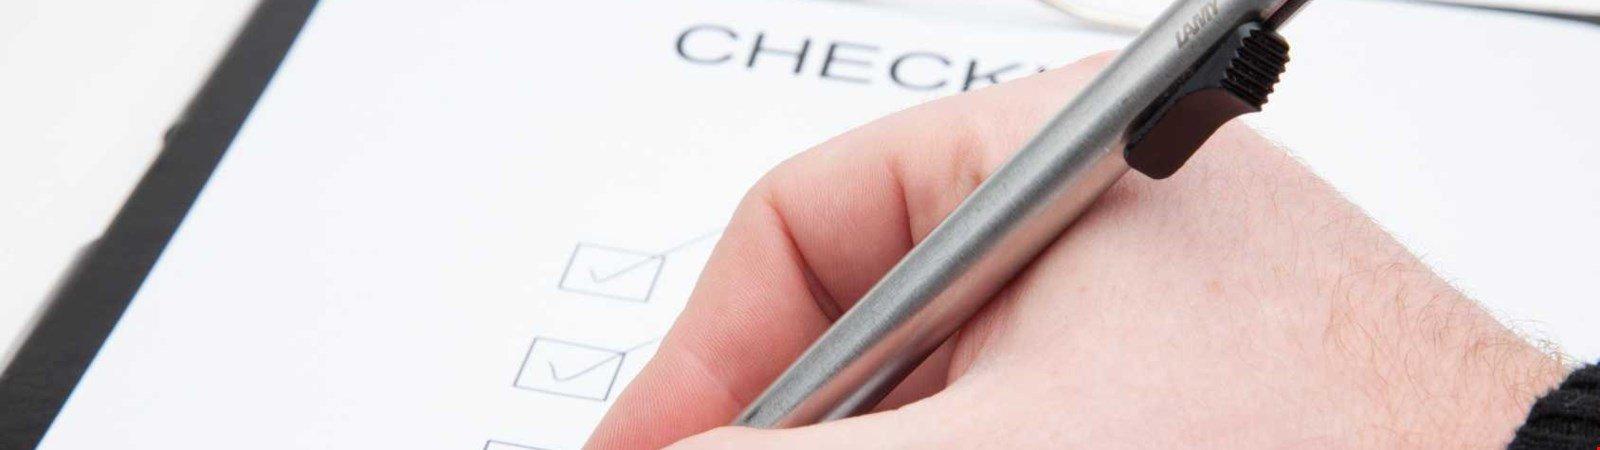 Förderung Checkliste